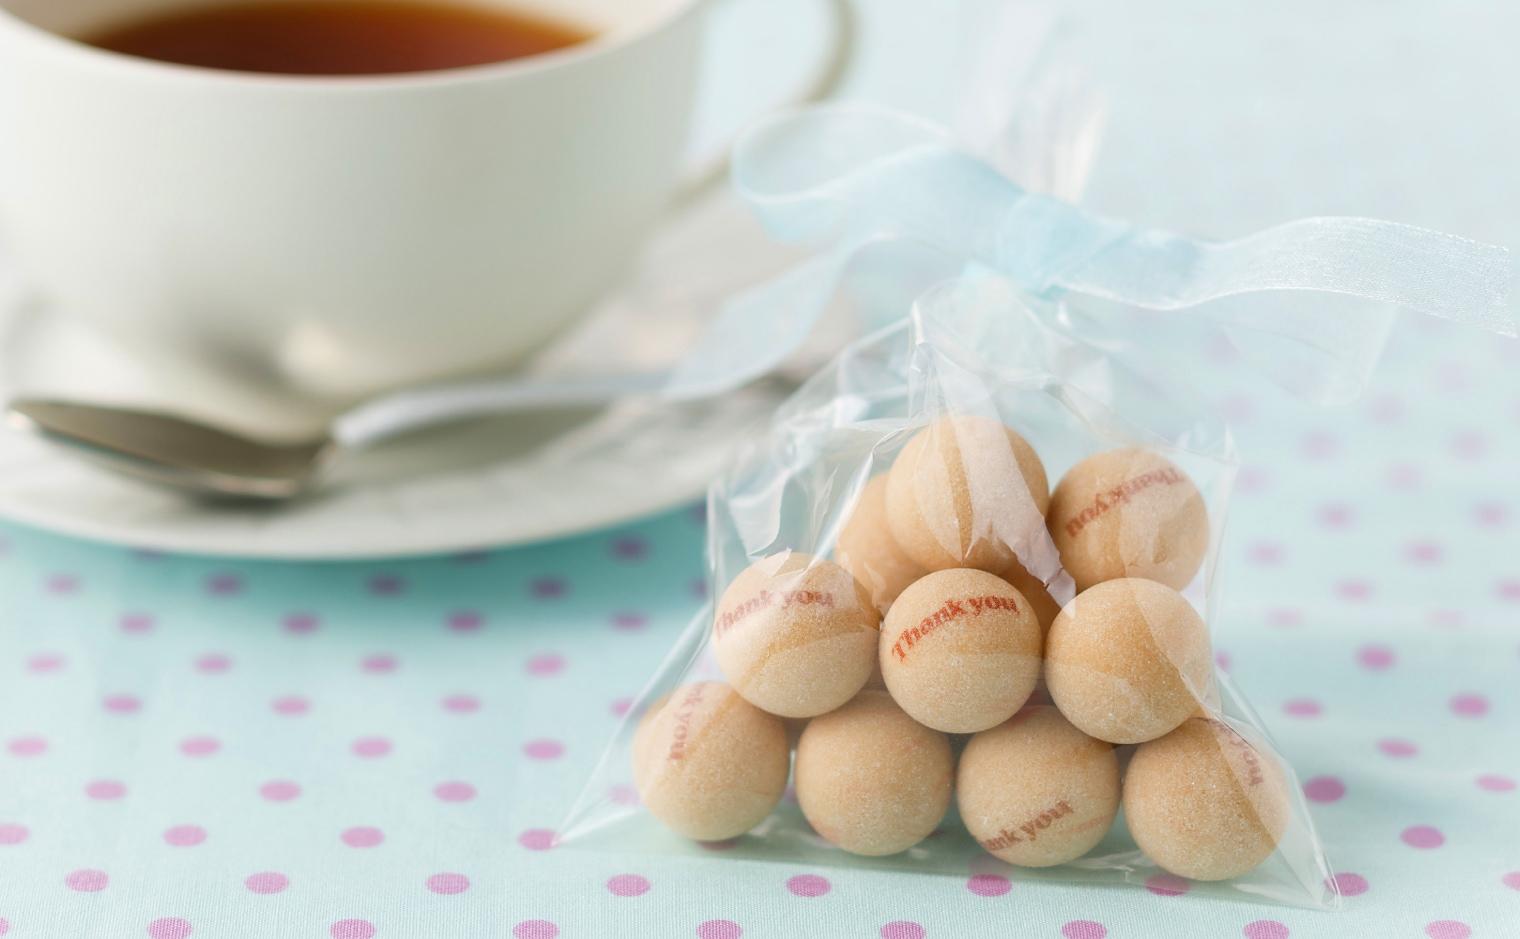 デザインシュガー,物語のある砂糖,かわいい,可愛い,角砂糖,ありがとう,球,プリント,お礼,まる,サンキュー,あいさつ